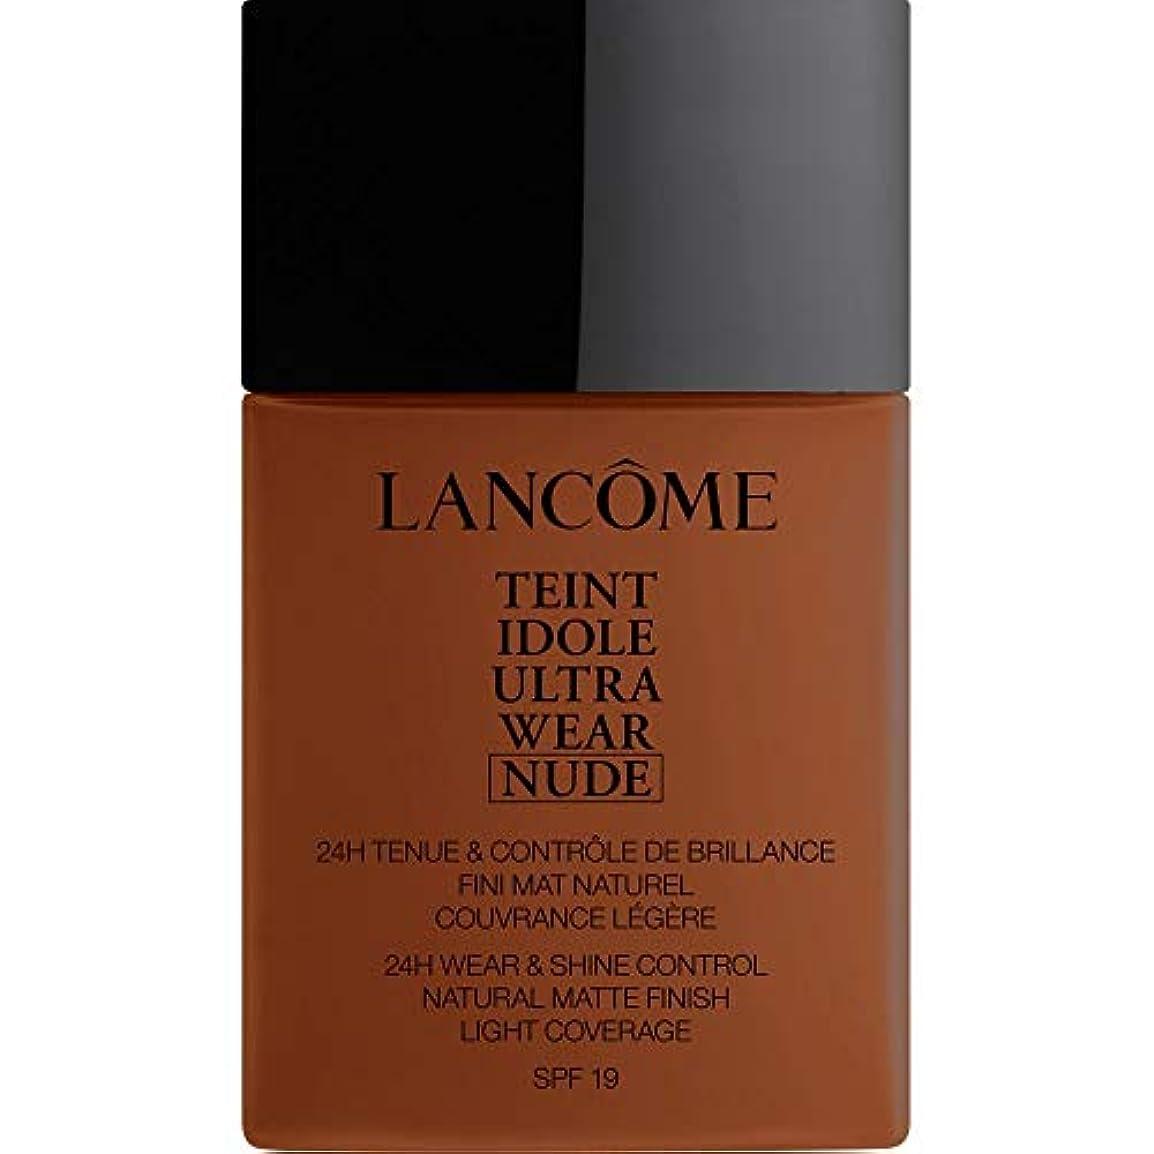 セント雪だるまを作るクリーナー[Lanc?me ] ランコムTeintのIdole超摩耗ヌード財団Spf19の40ミリリットル13.3 - サンタル - Lancome Teint Idole Ultra Wear Nude Foundation SPF19...